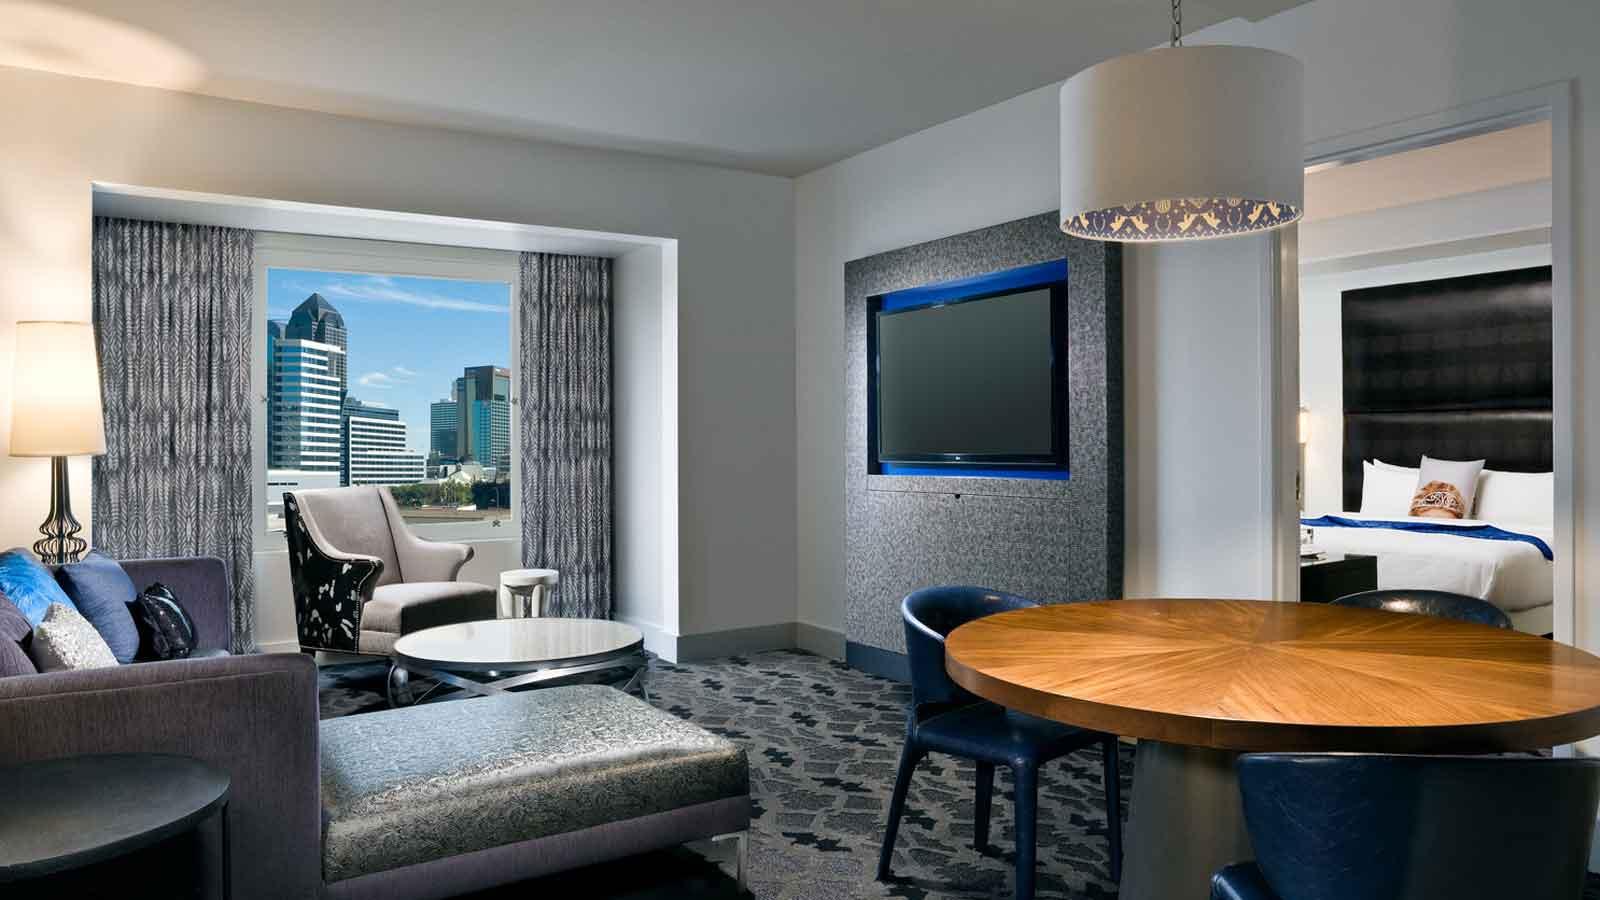 Downtown Dallas Hotel Rooms  W Dallas  Victory Hotel